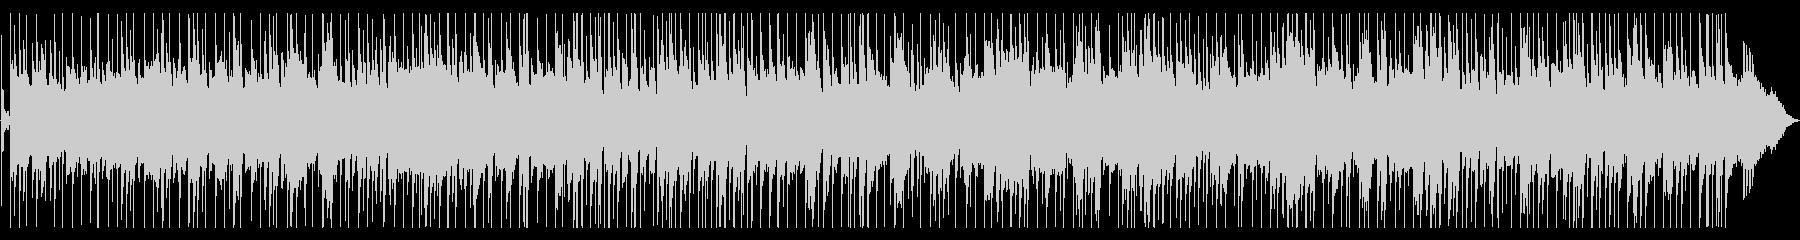 ねっとりしたスローバラードの未再生の波形